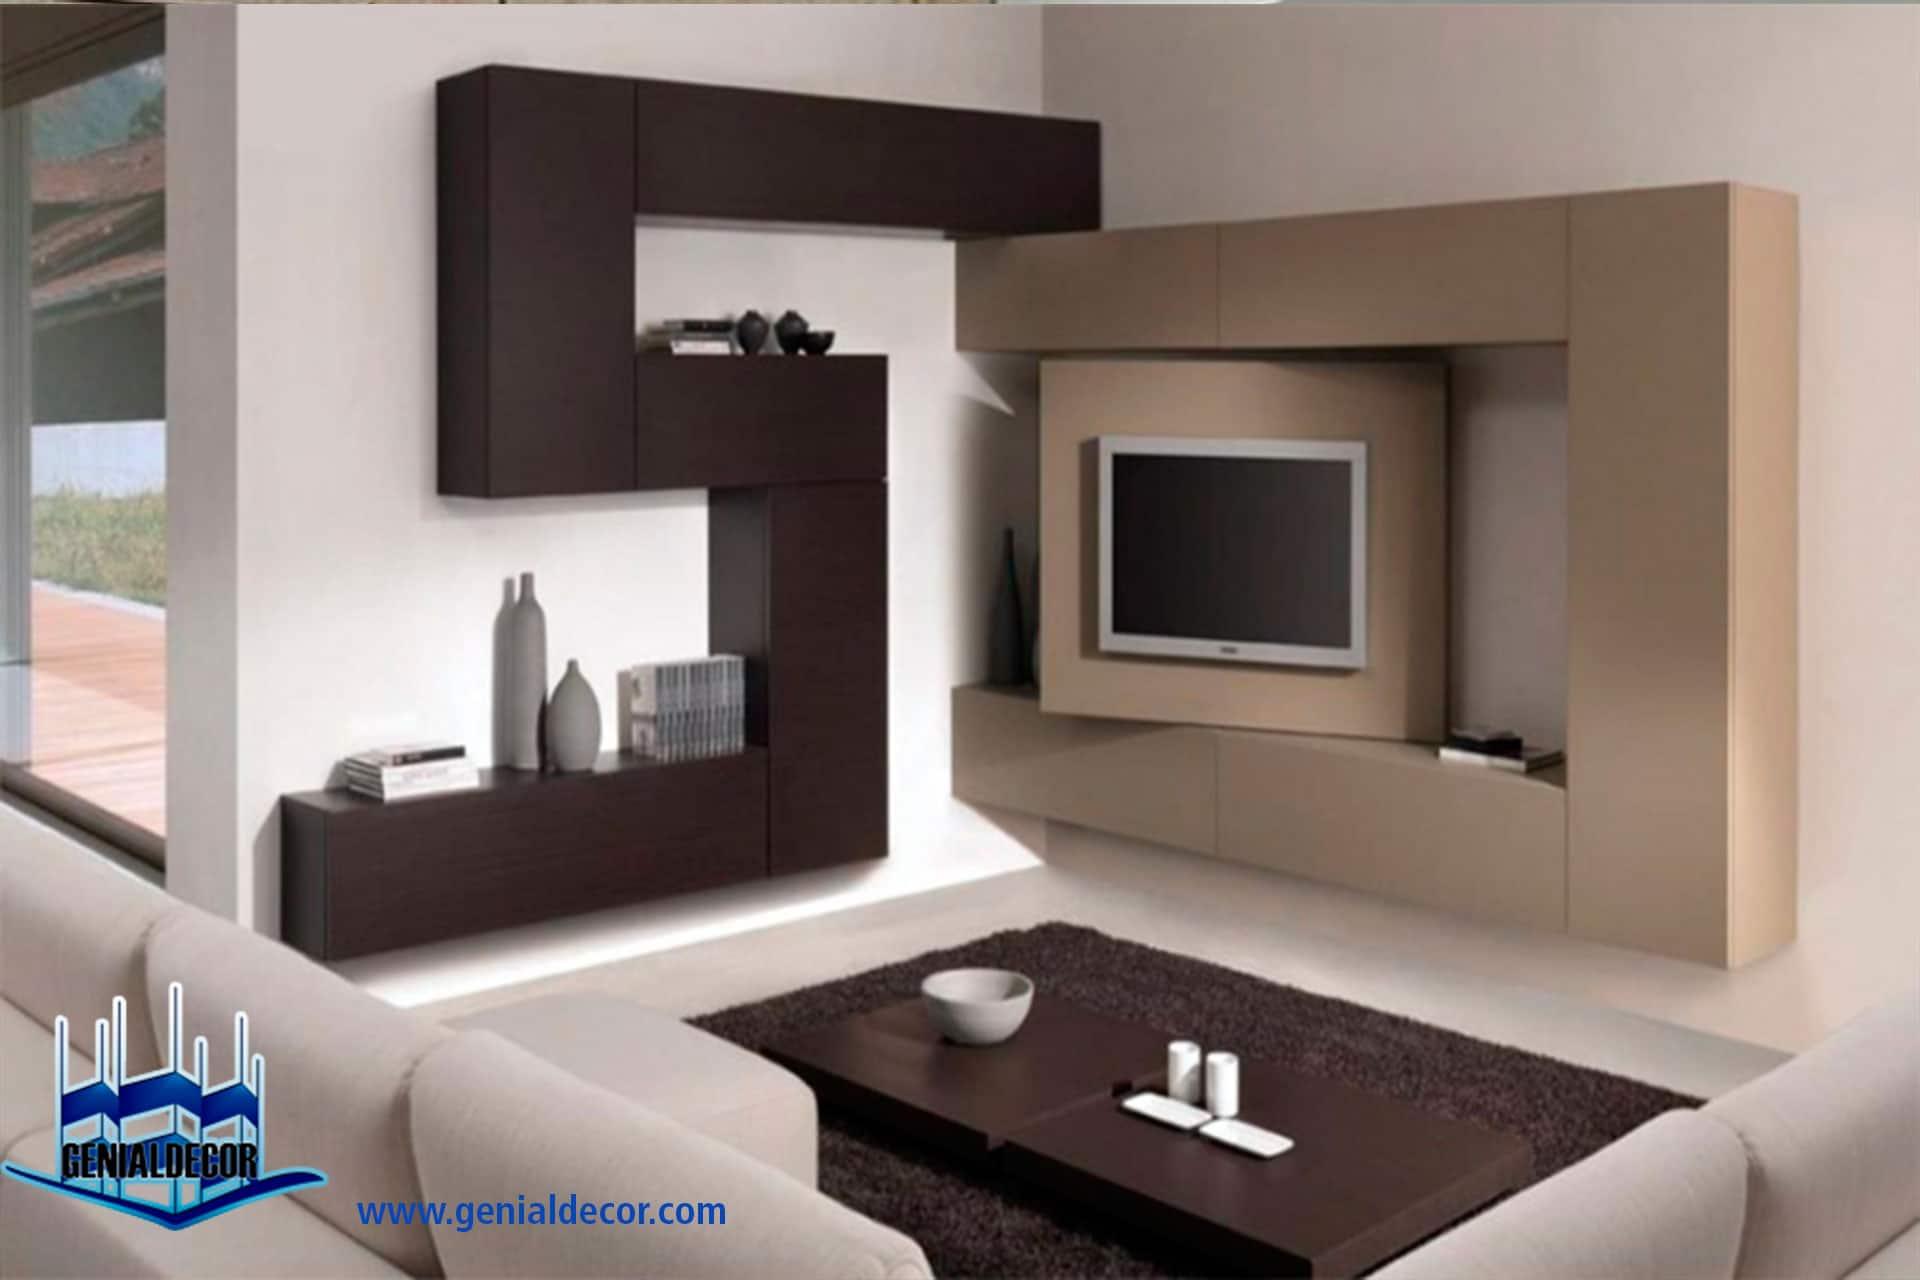 Muebles de entretenimiento de tablaroca 20170715100607 - Decoracion mueble tv ...